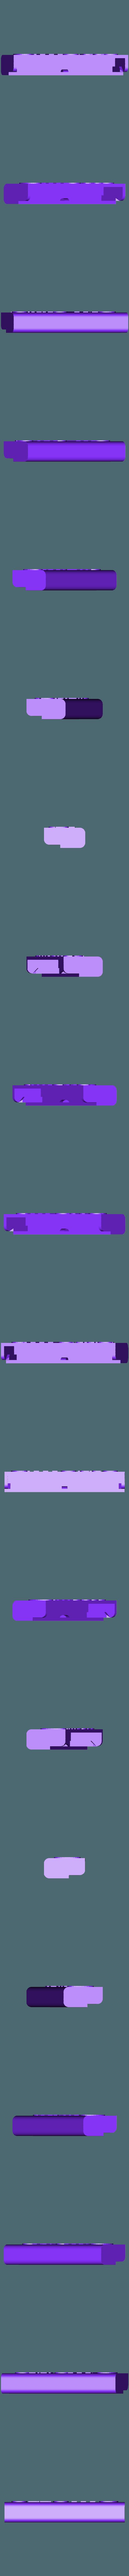 GilletteCap_LogoV2.stl Télécharger fichier STL gratuit Couverture de lame de rasoir pour le rasoir Gillette Mach 3 Sensitive Power • Plan pour imprimante 3D, Milan_Gajic